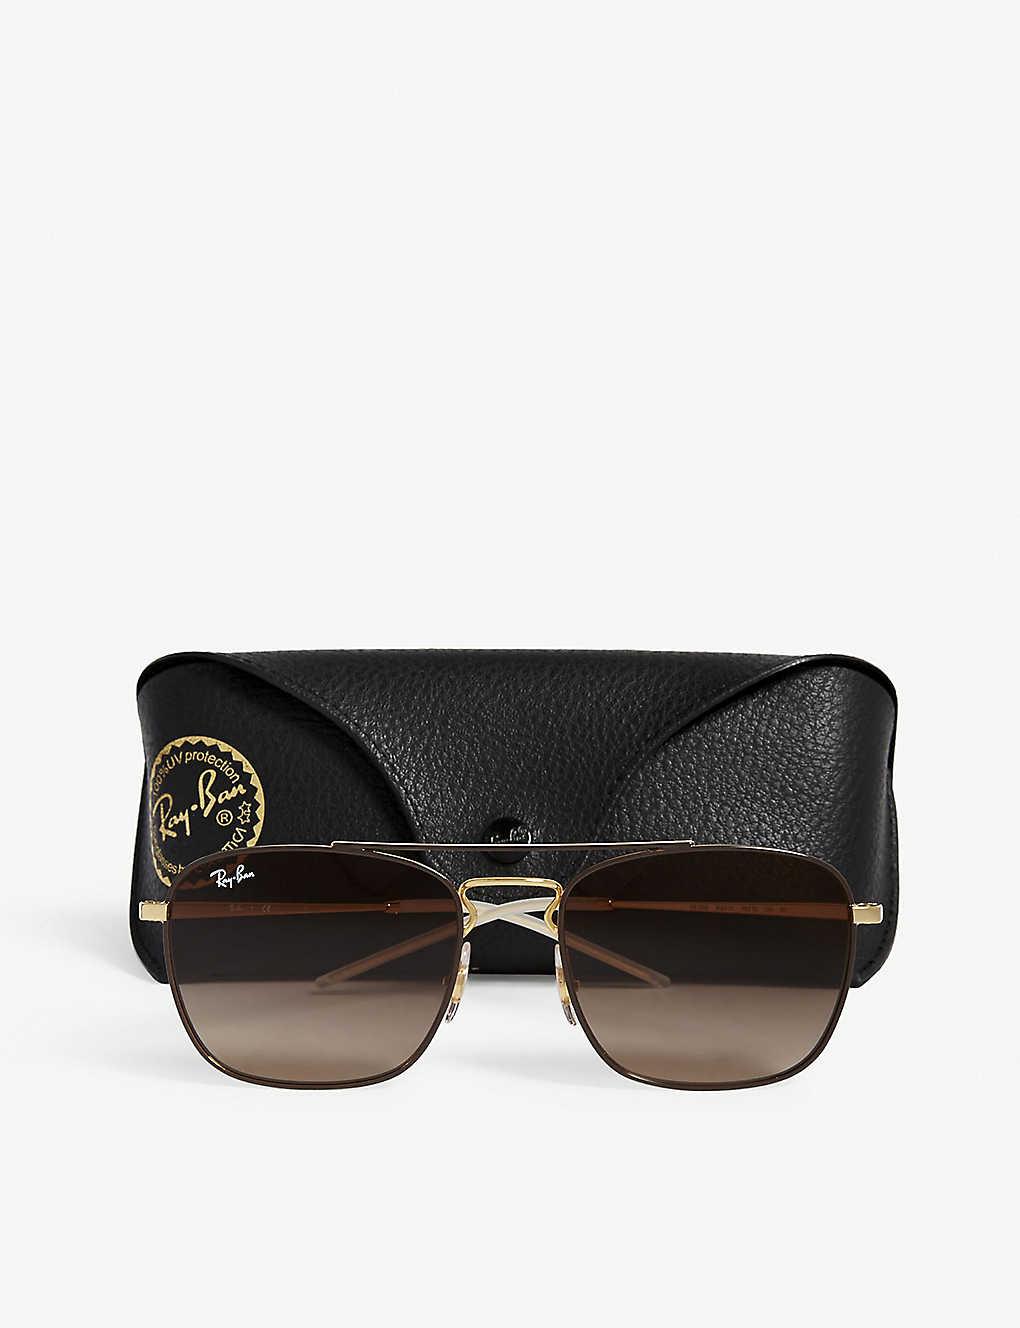 10b71e84bf424 ... Rb3588 square-frame sunglasses - Brown ...